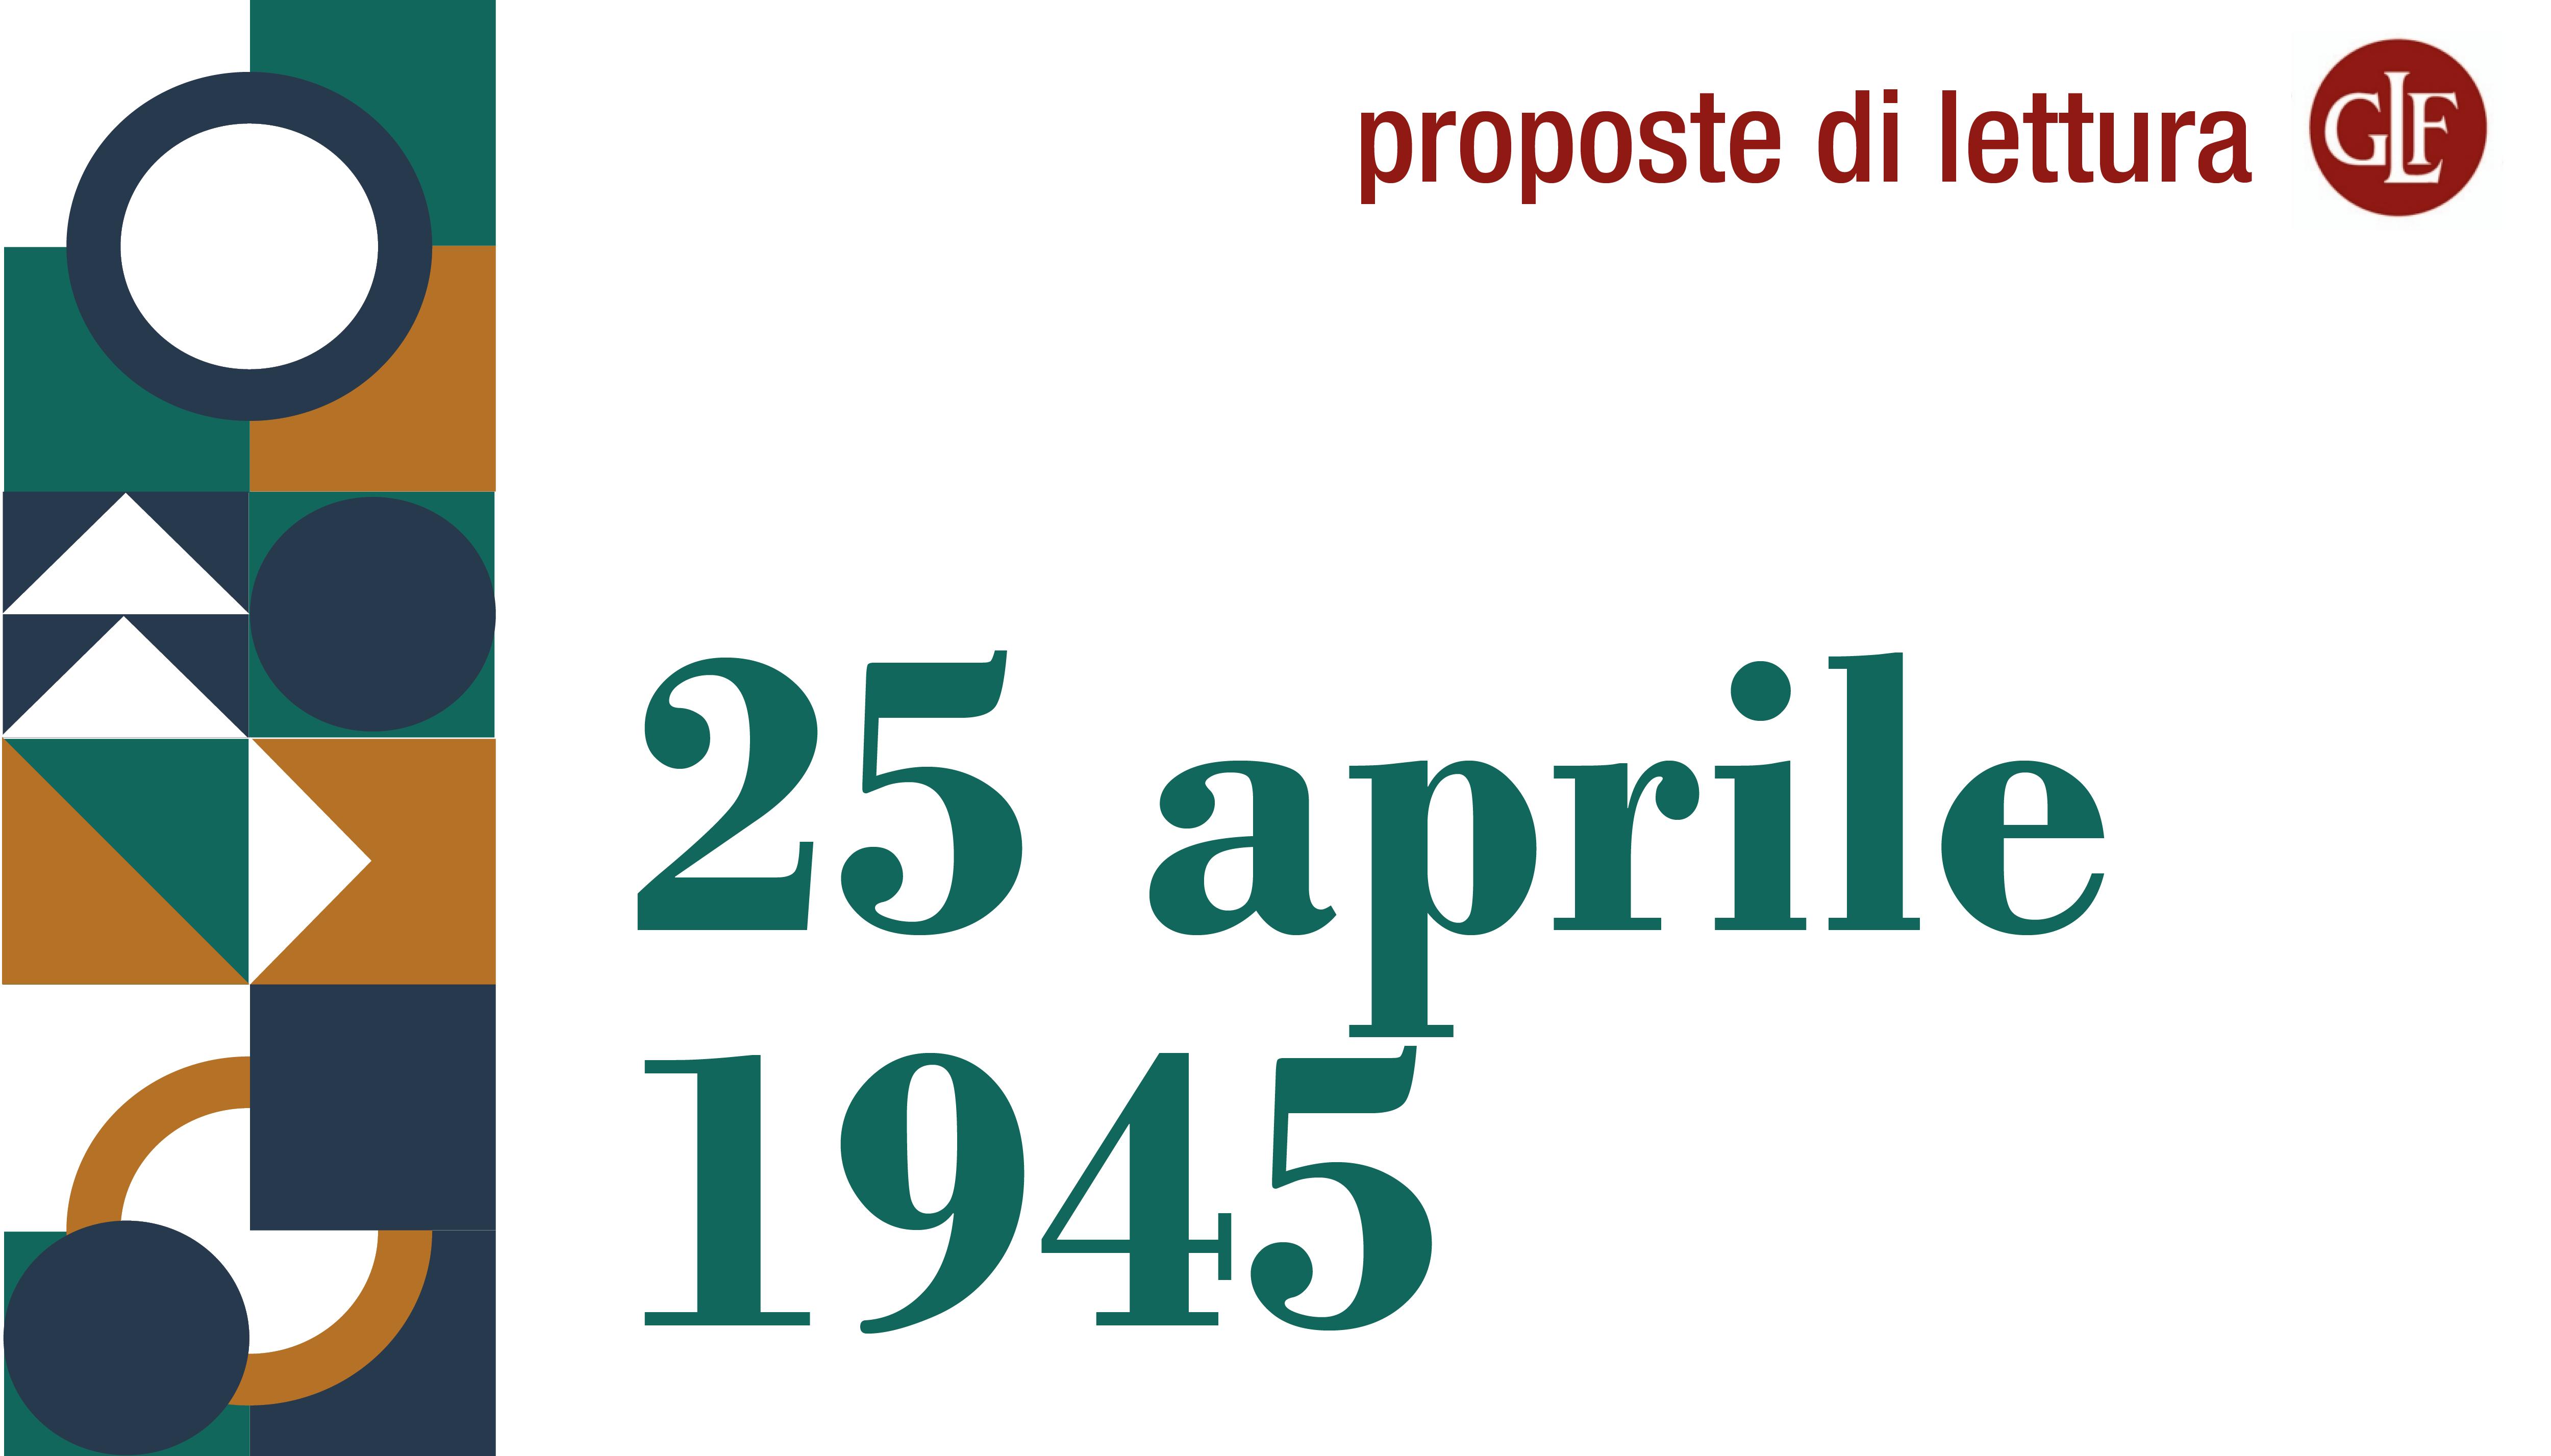 [Proposte di lettura] 25 aprile